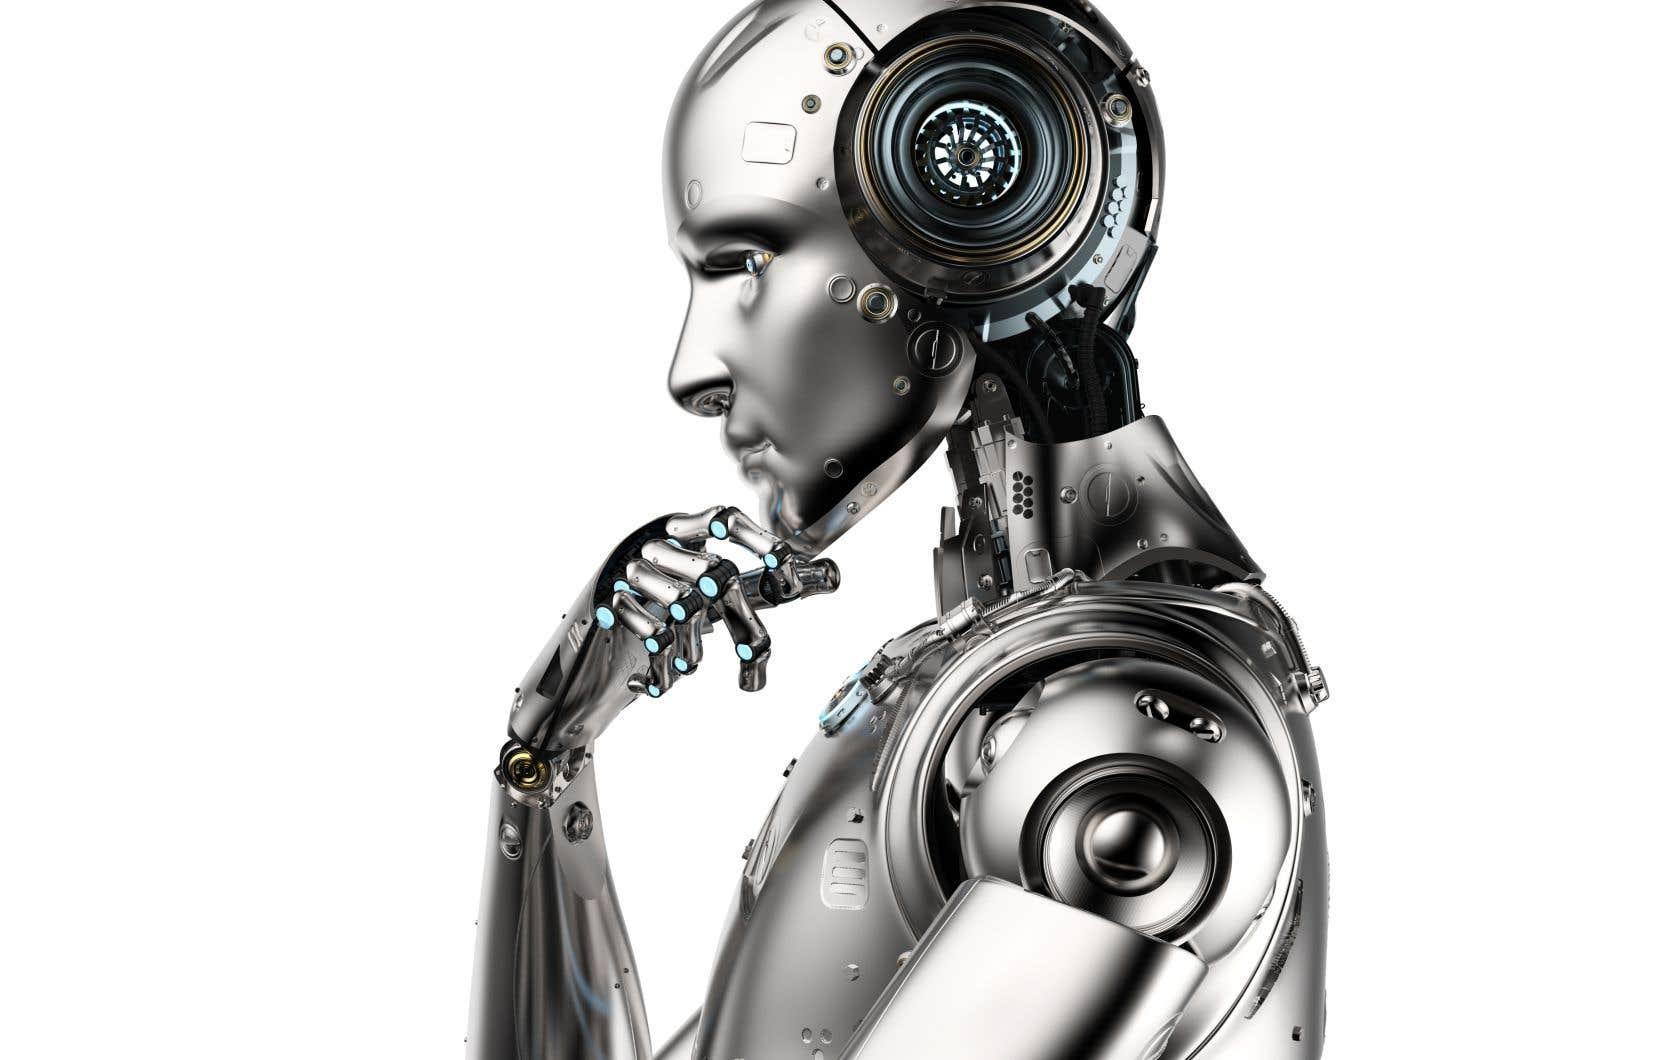 Les gouvernements fédéral et provincial ont annoncé en septembre dernier que Montréal accueillera un centre d'expertise international pour l'avancement de l'IA.